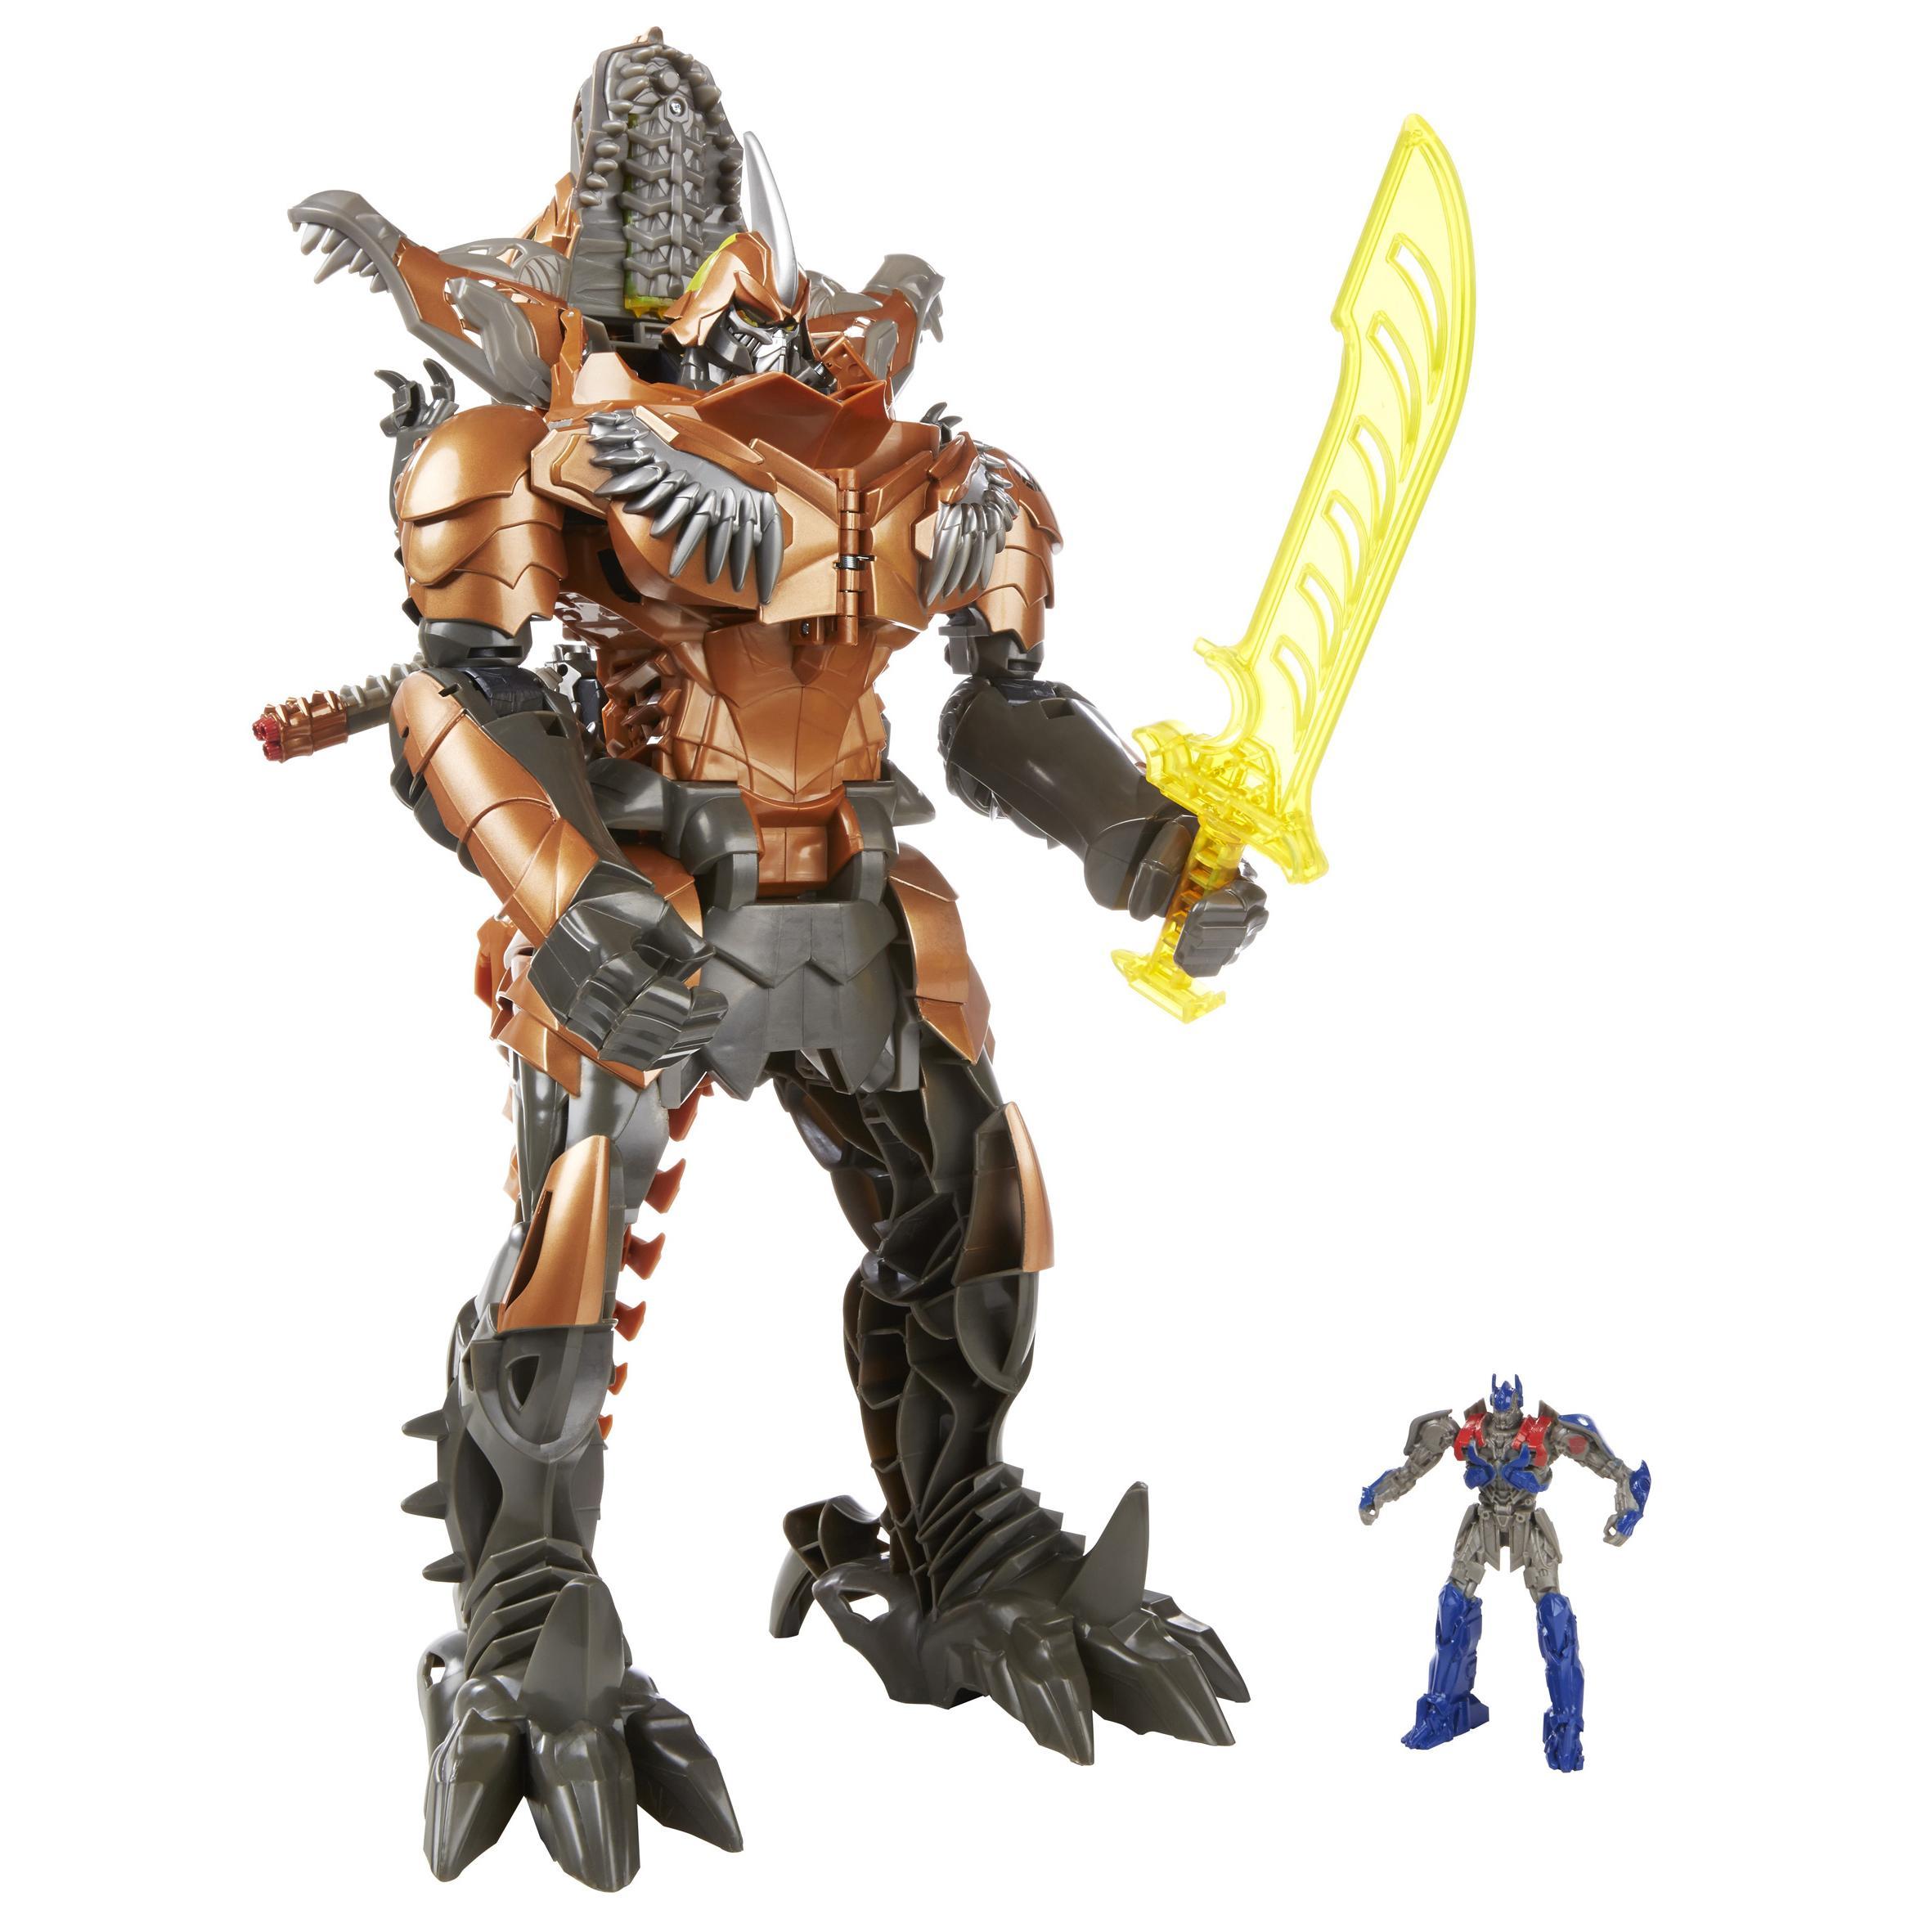 Transformers movie 4 stomp 'n' chomp grimlock